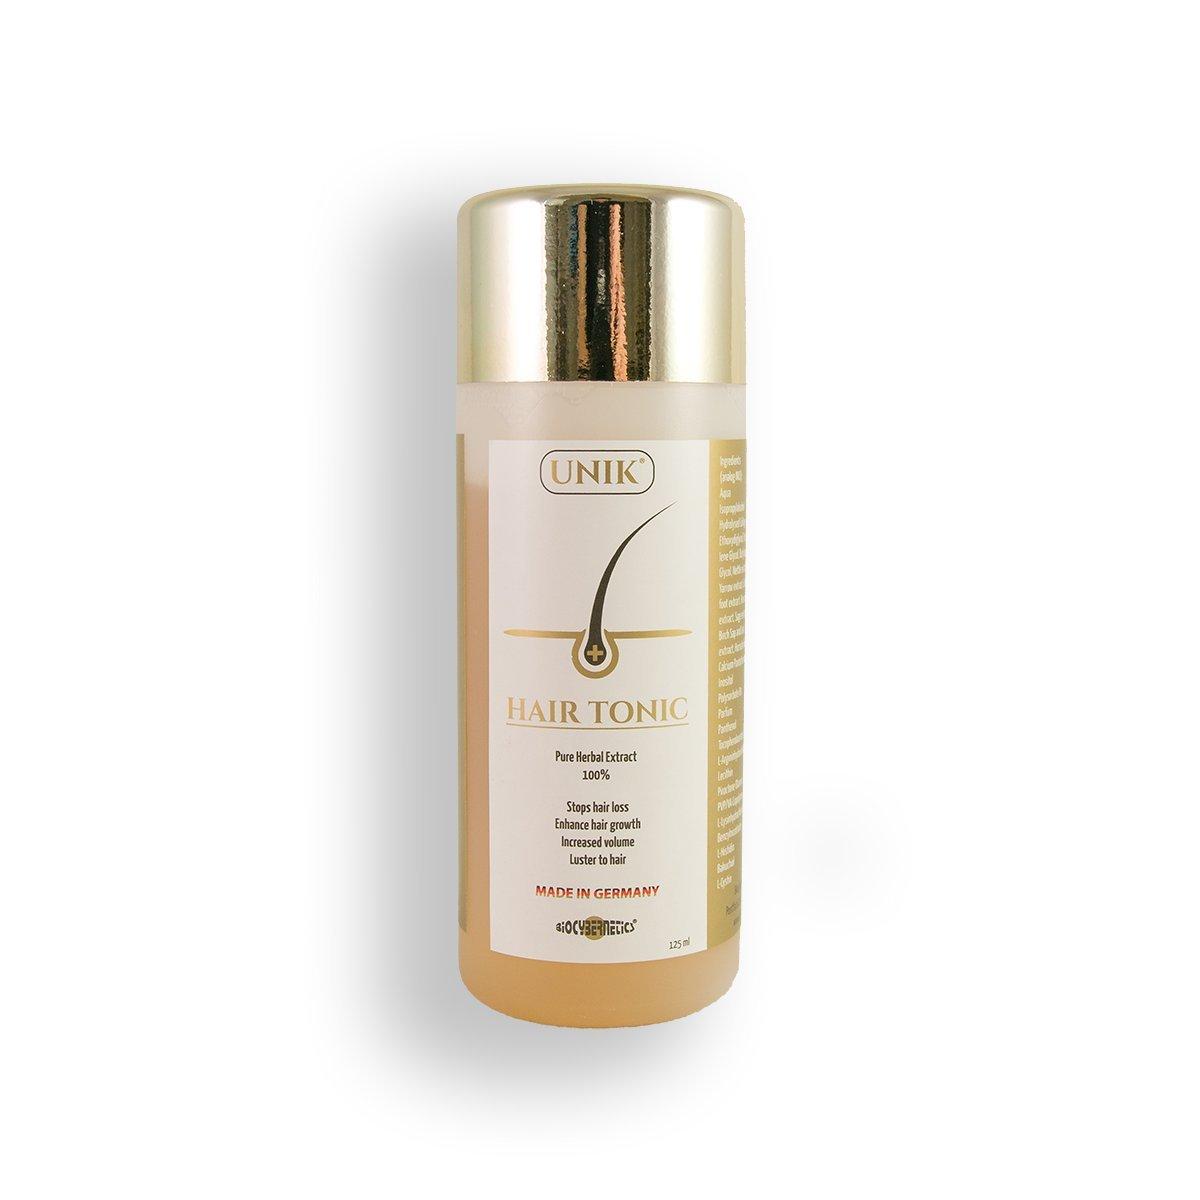 Unik - Hair-Tonic La más alta calidad 100% natural / hierbas 125ml (Hecho en Alemania) Contra la caída del cabello, la caspa y el cabello quebradizo.